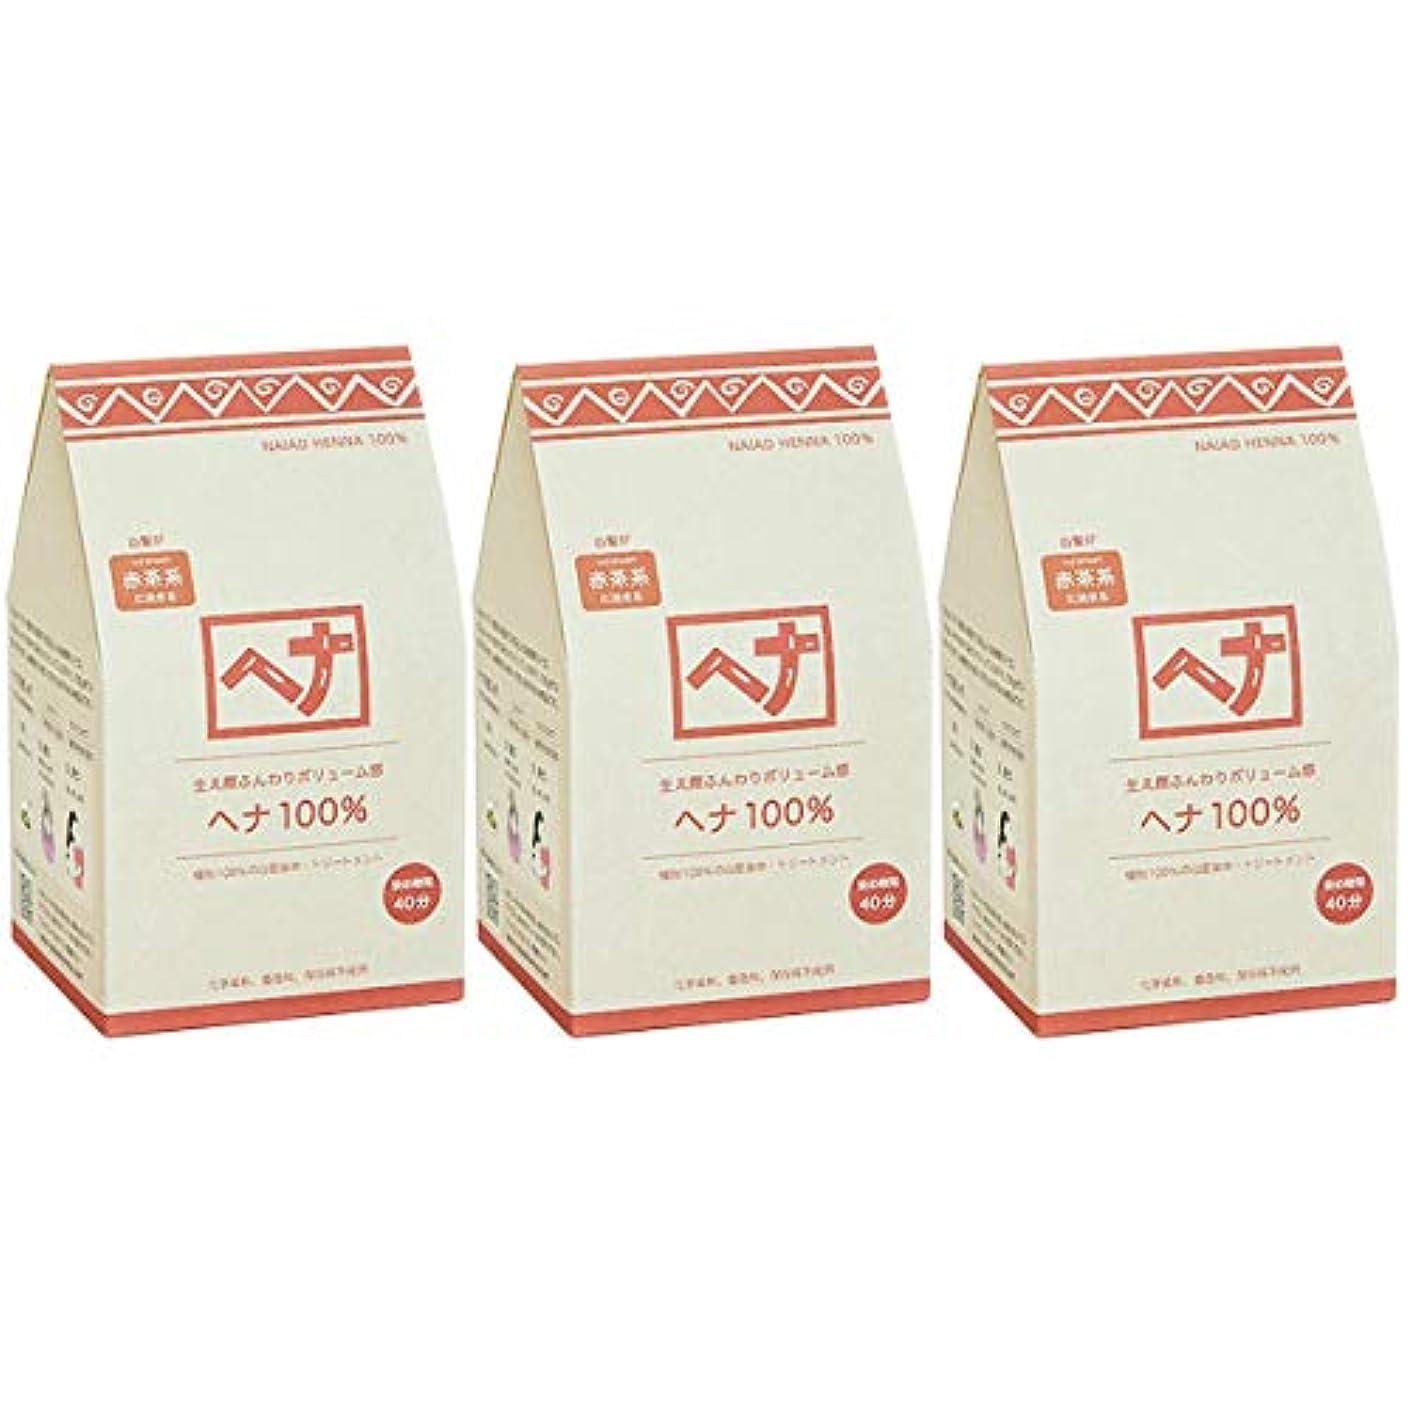 マサッチョ付き添い人くしゃみナイアード ヘナ 100% 赤茶系 生え際ふんわりボリューム感 400g 3個セット